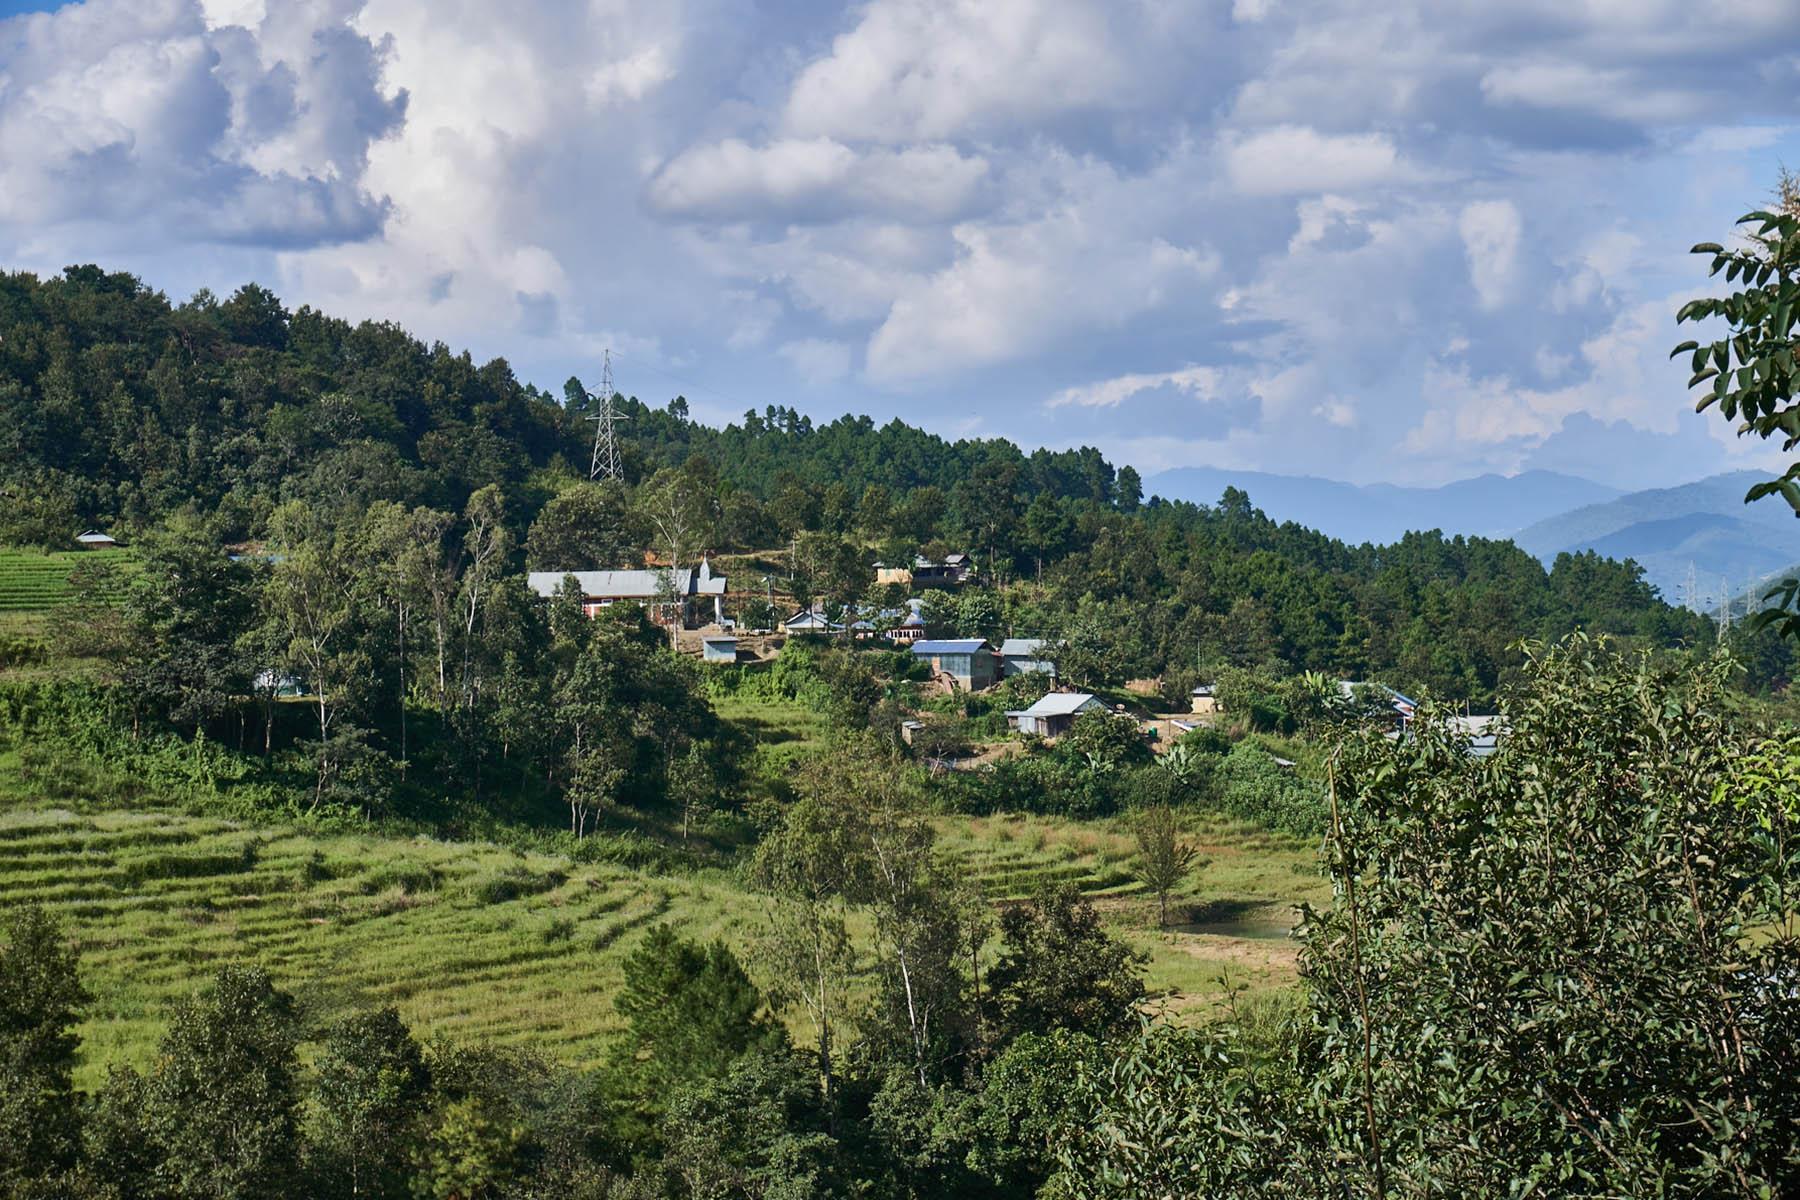 Mała osada na wzgórzu